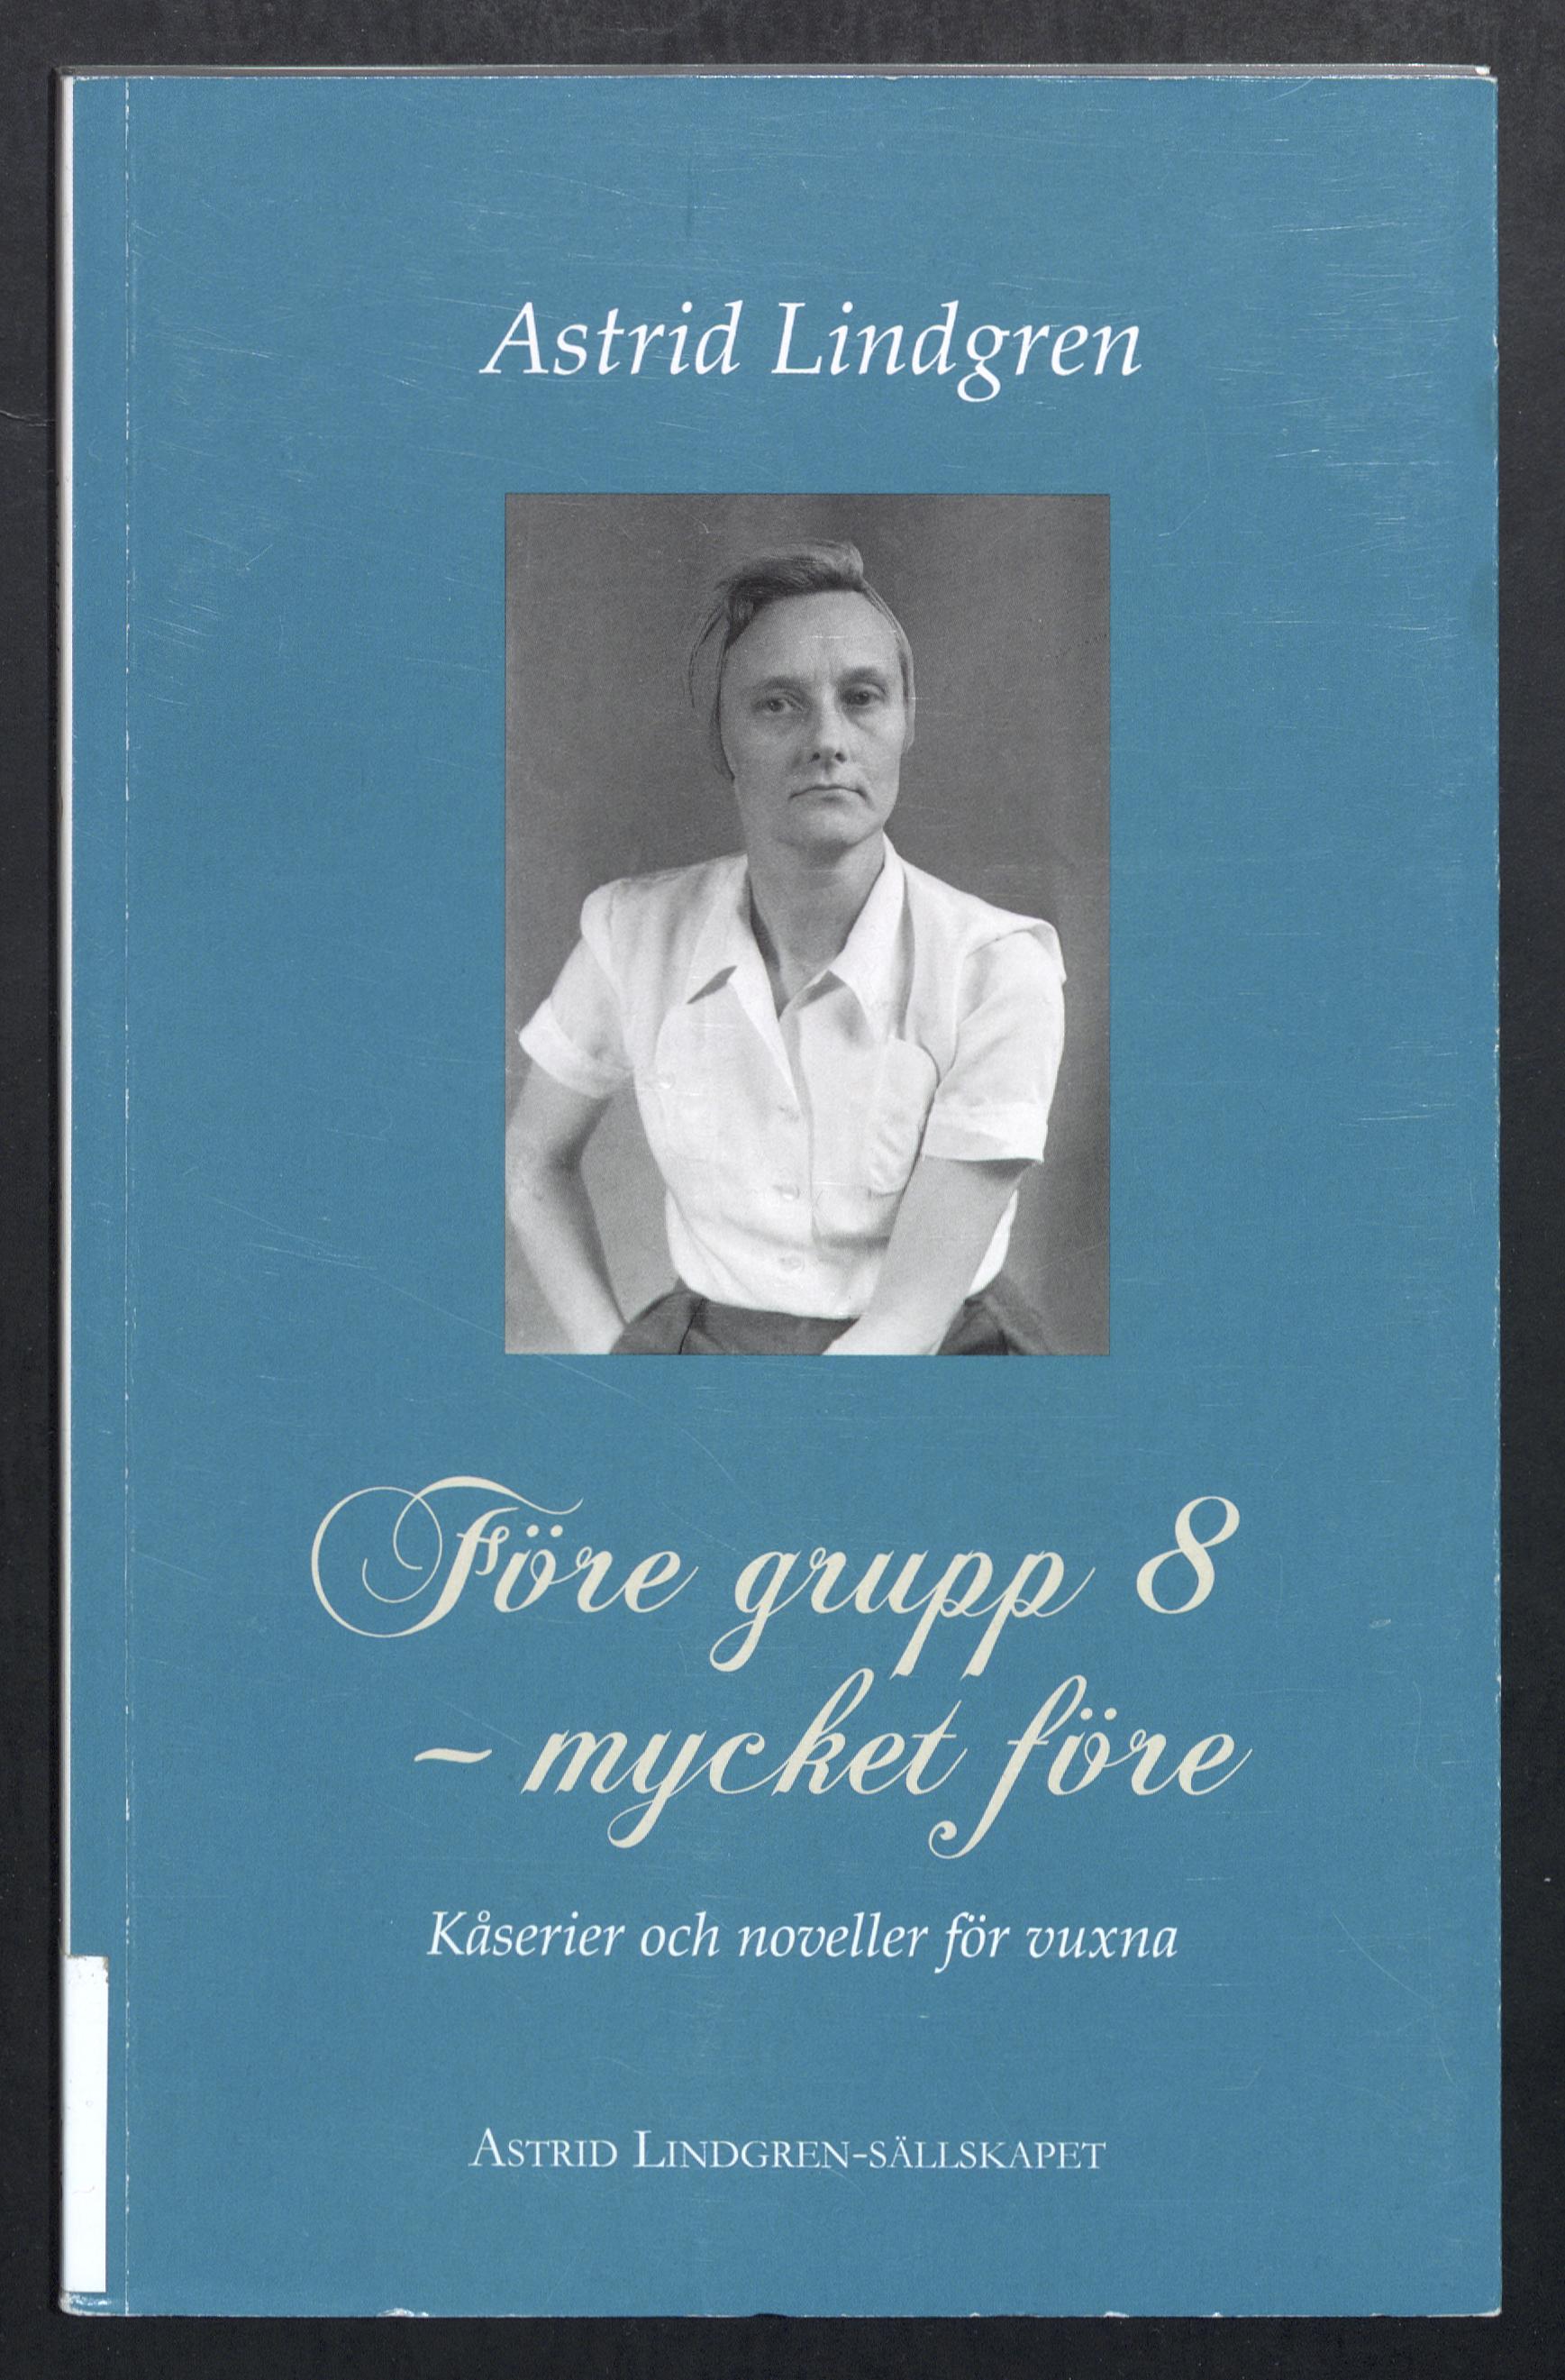 Skrev Astrid Lindgren kåserier?